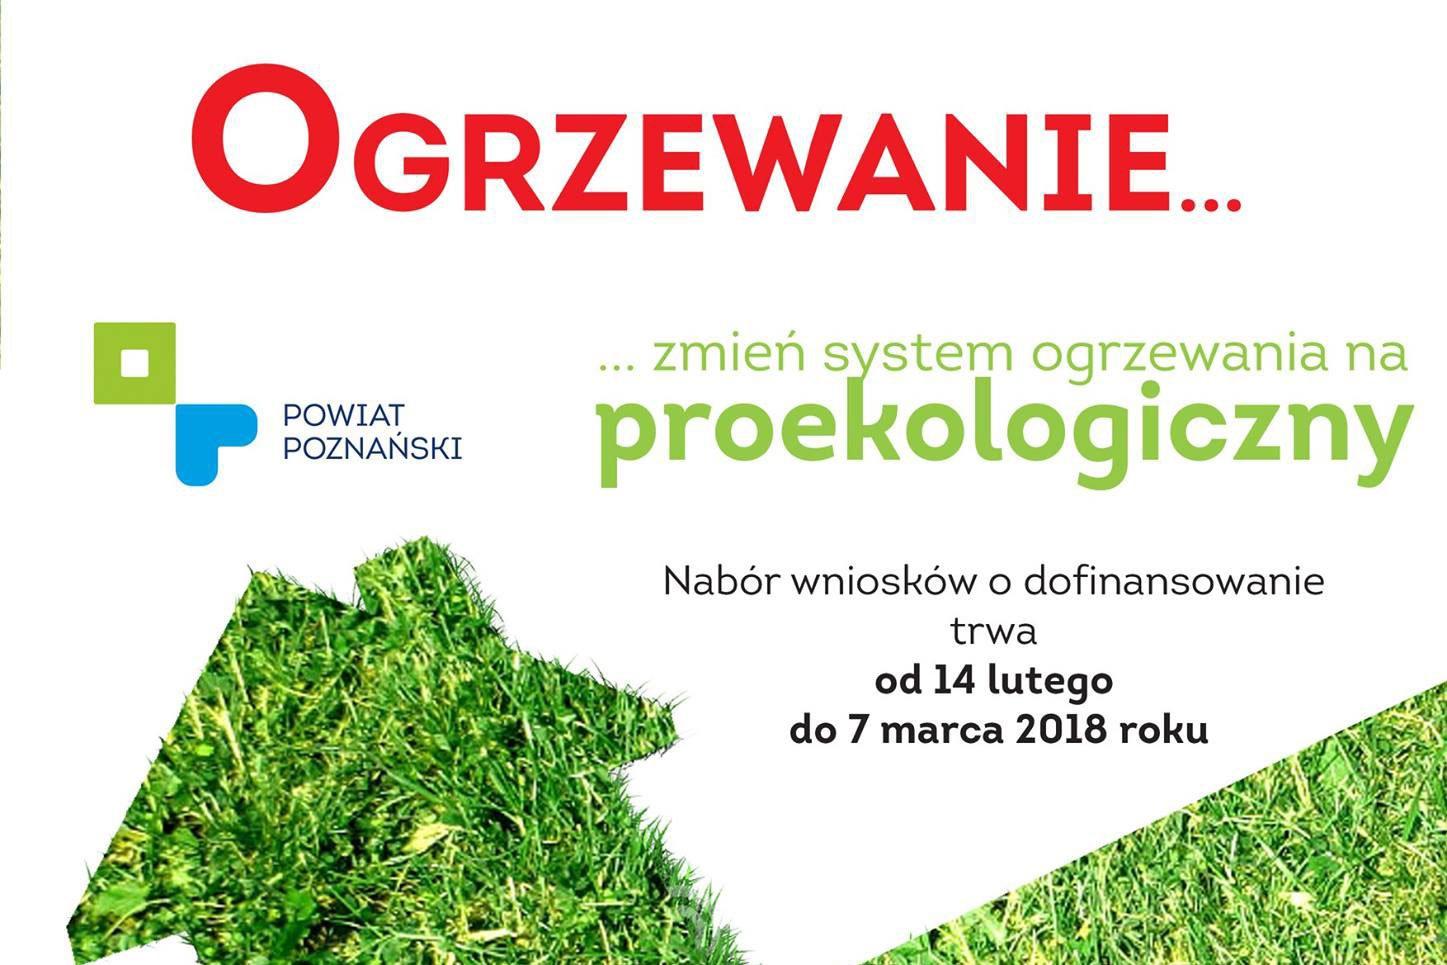 Raport z #1 edycji programu Powiatu Poznańskiego Czyste Ogrzewanie